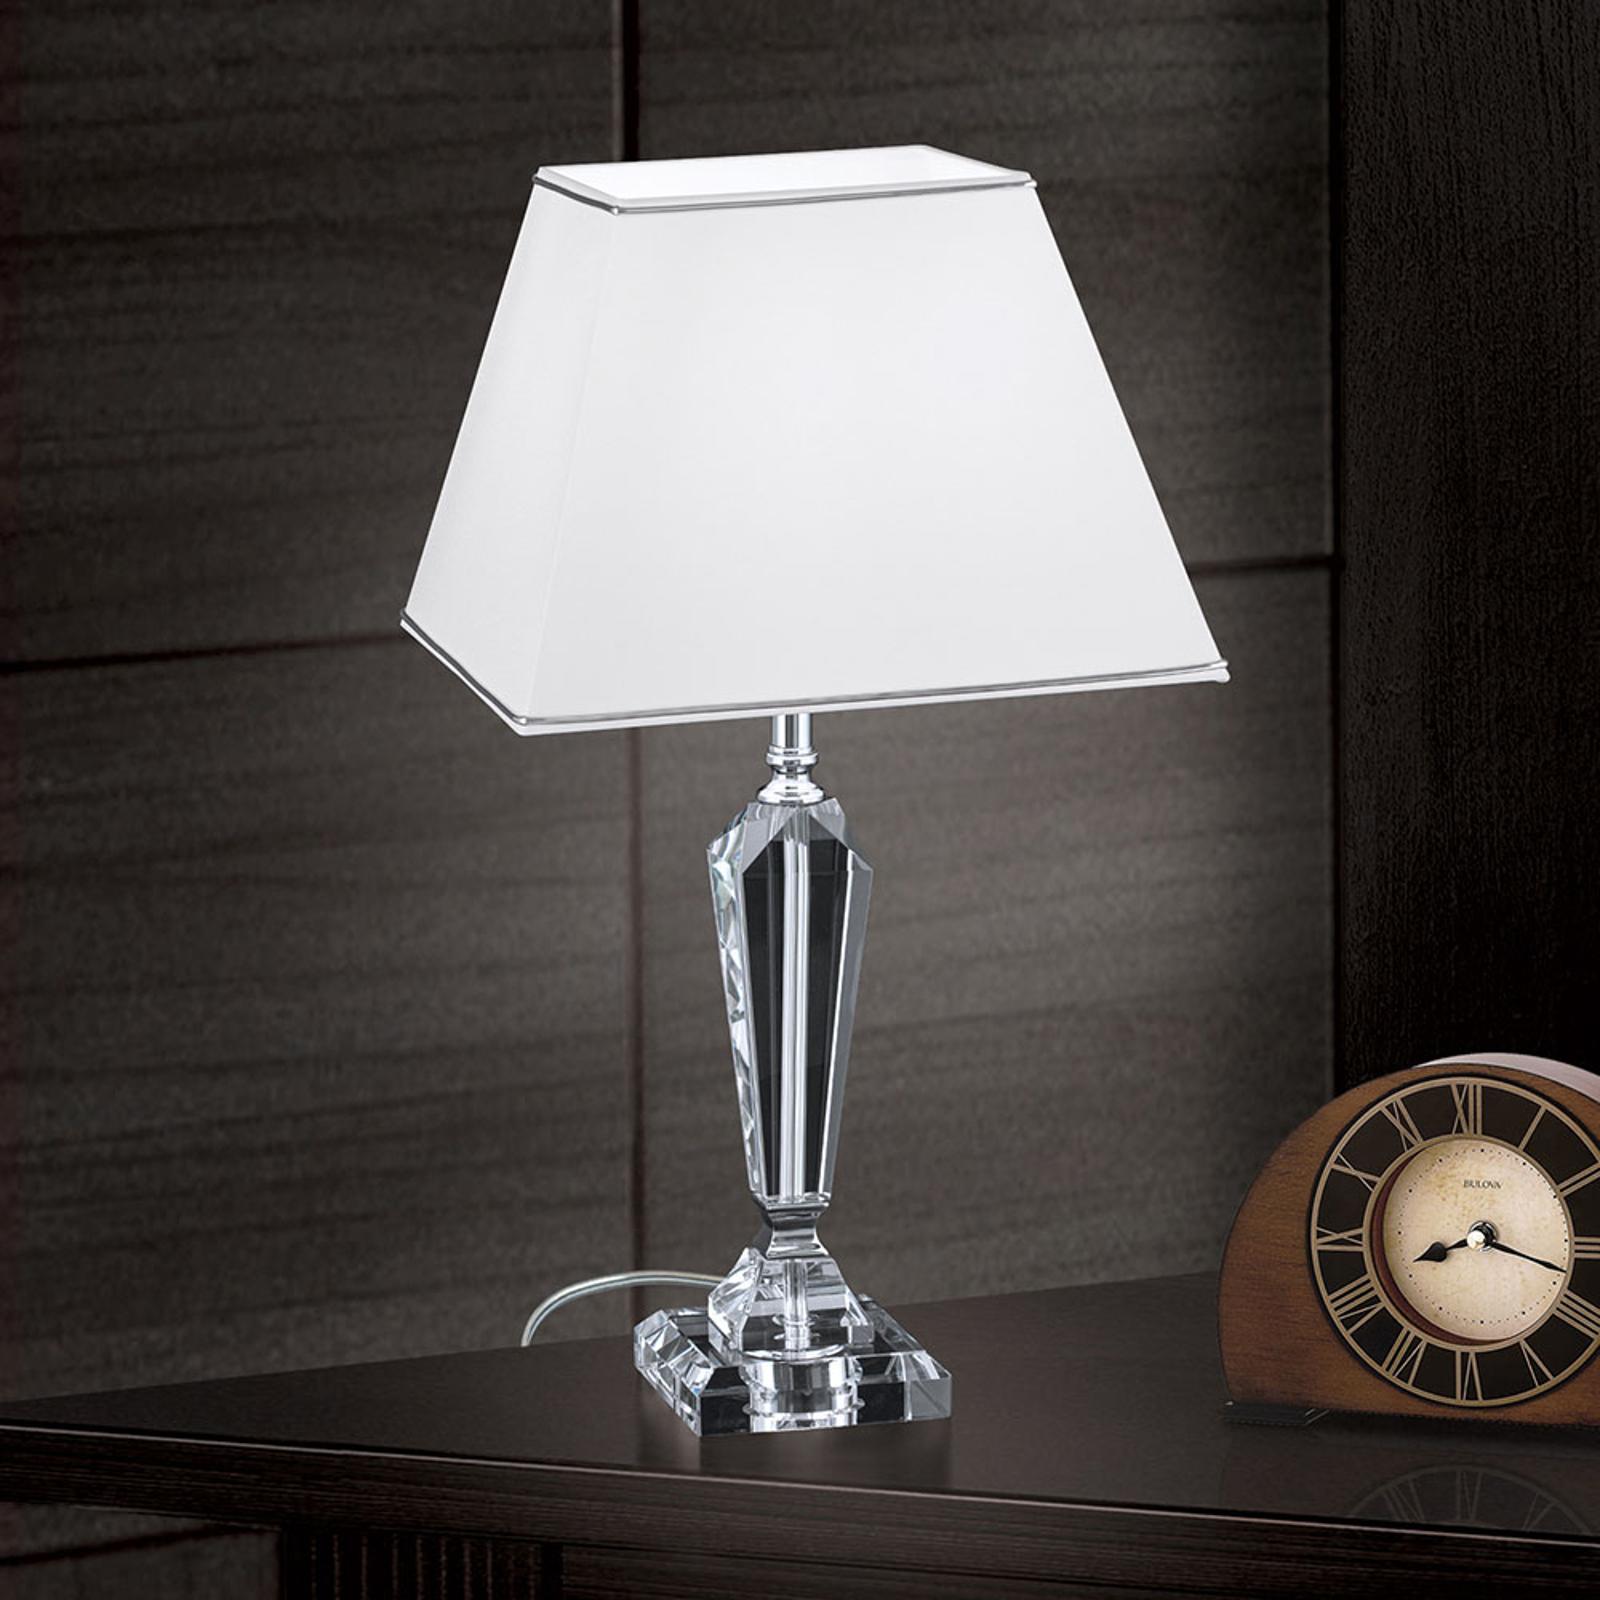 Acquista Lampada tavolo Veroniqu, base stretta bianco/cromo